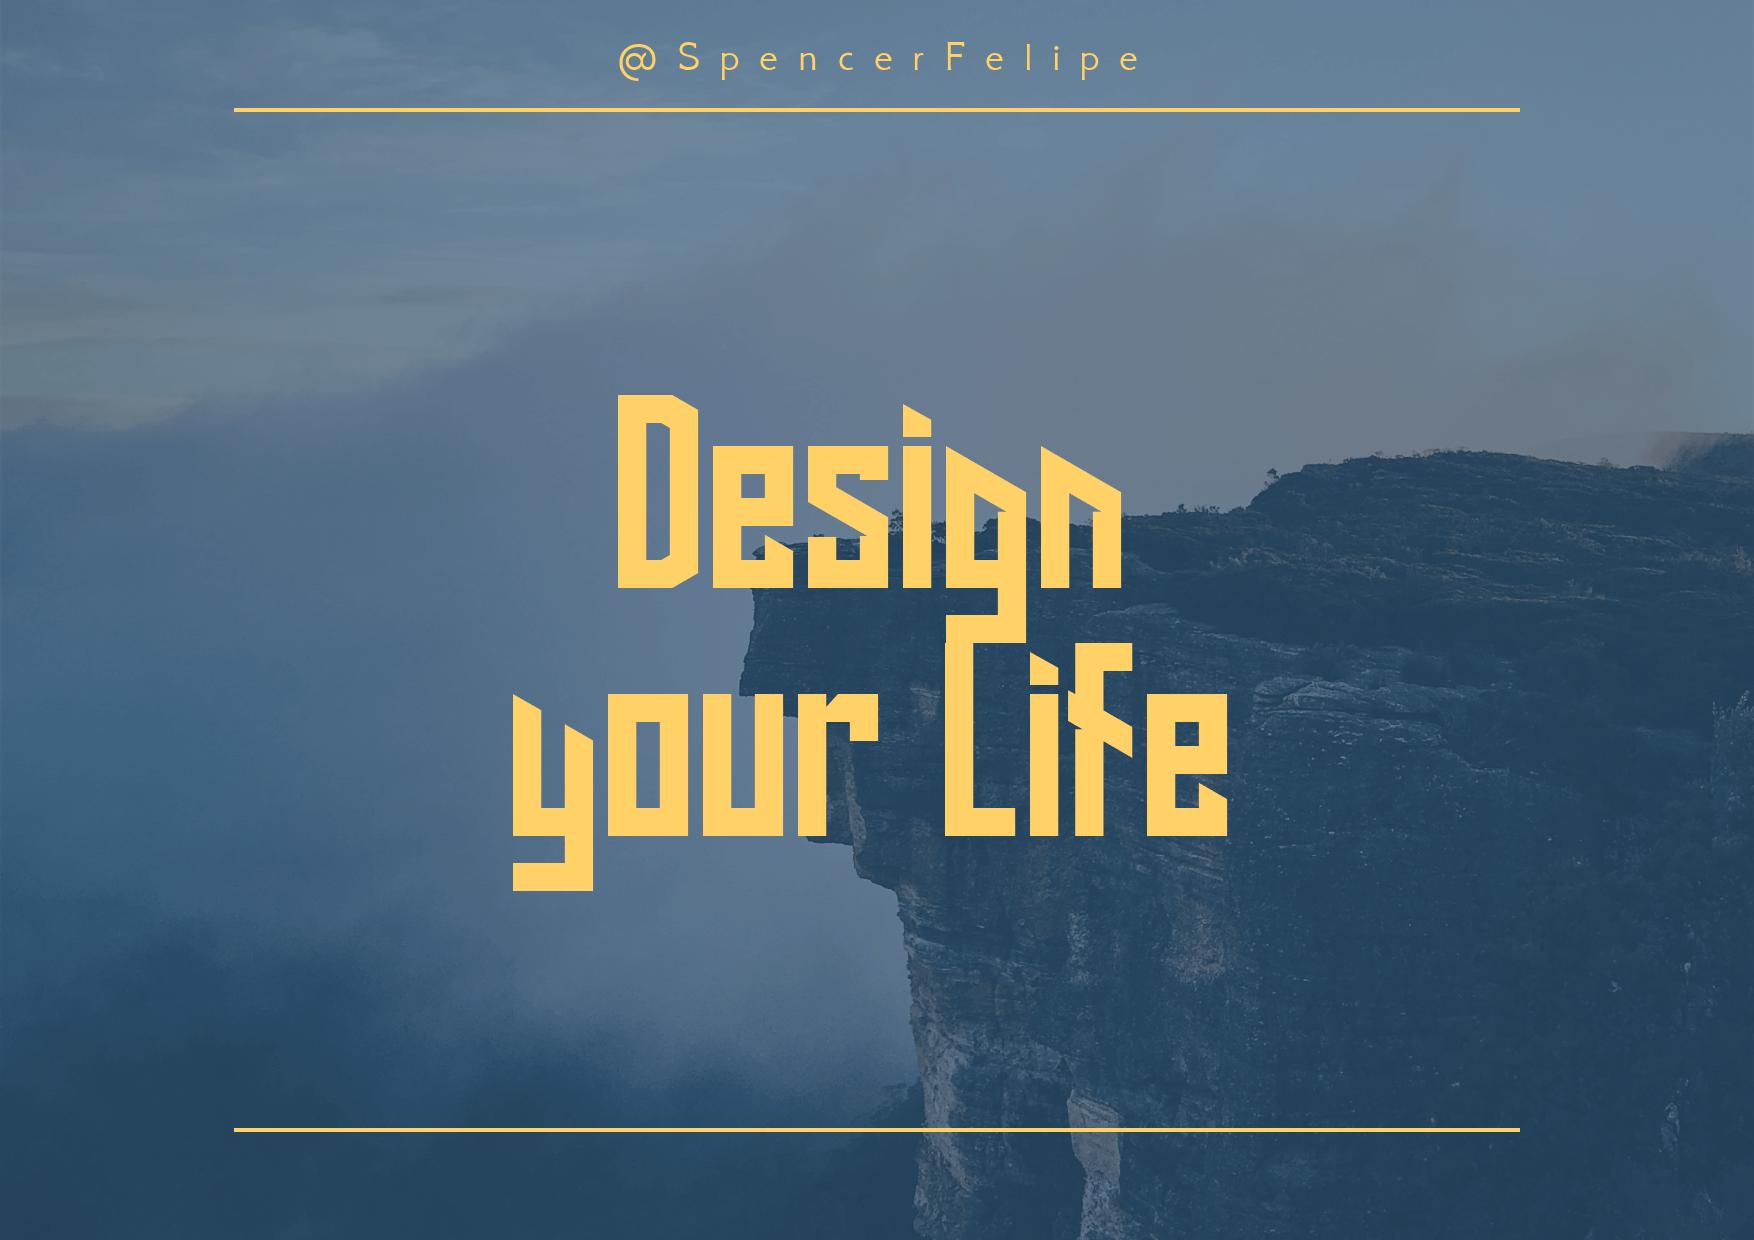 Print Quote Design - #Wording Design  Template